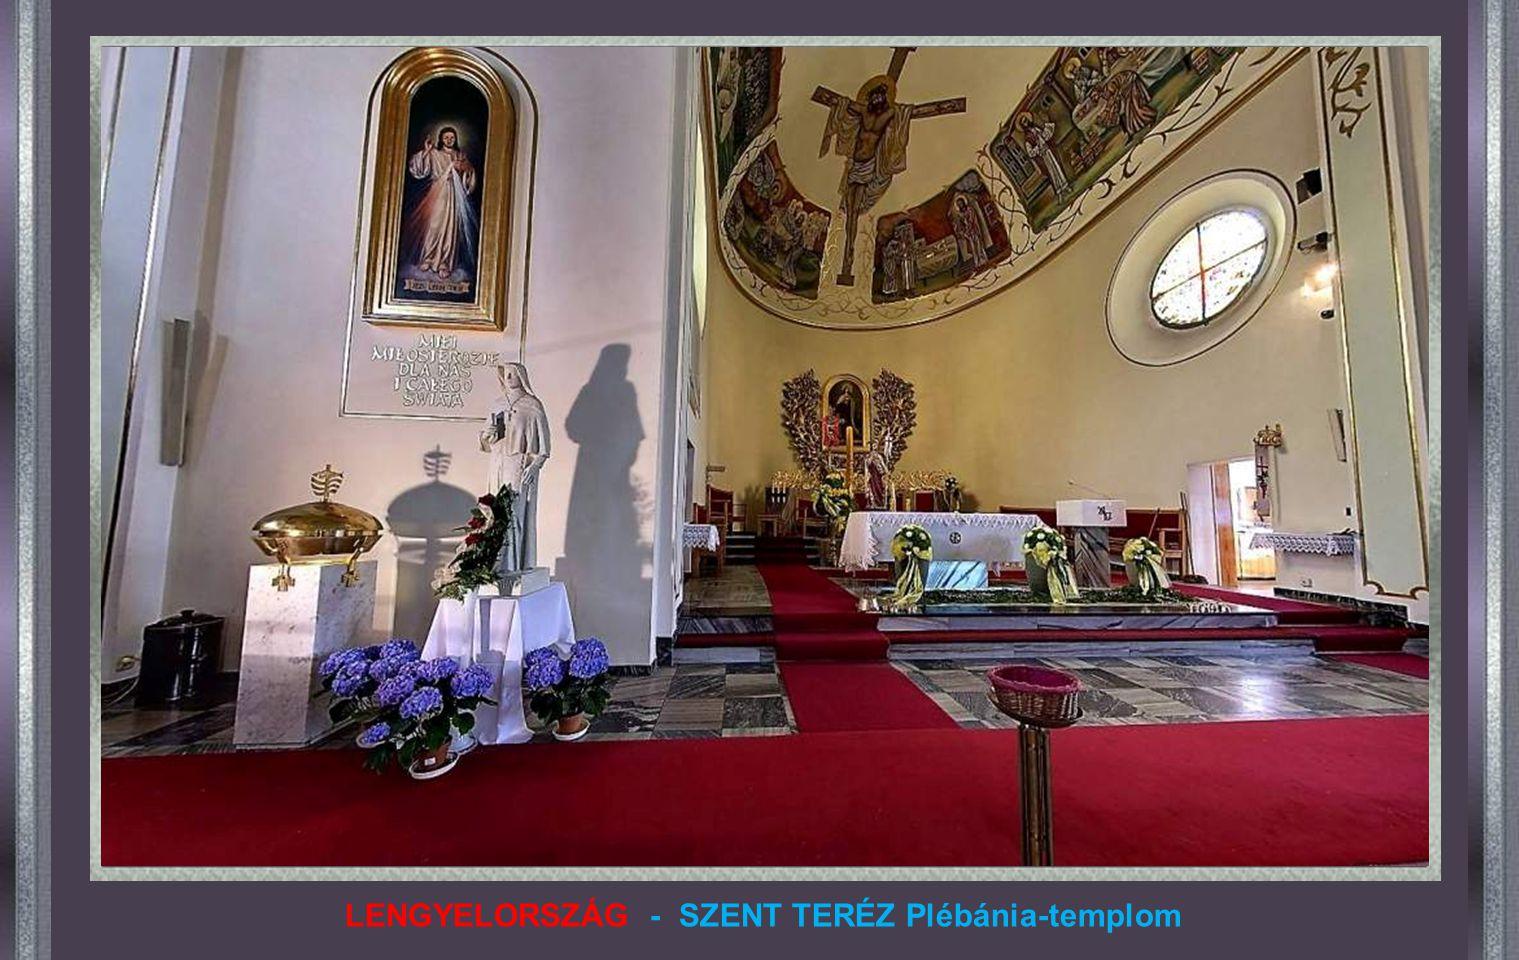 LENGYELORSZÁG - SZENT TERÉZ Plébánia-templom